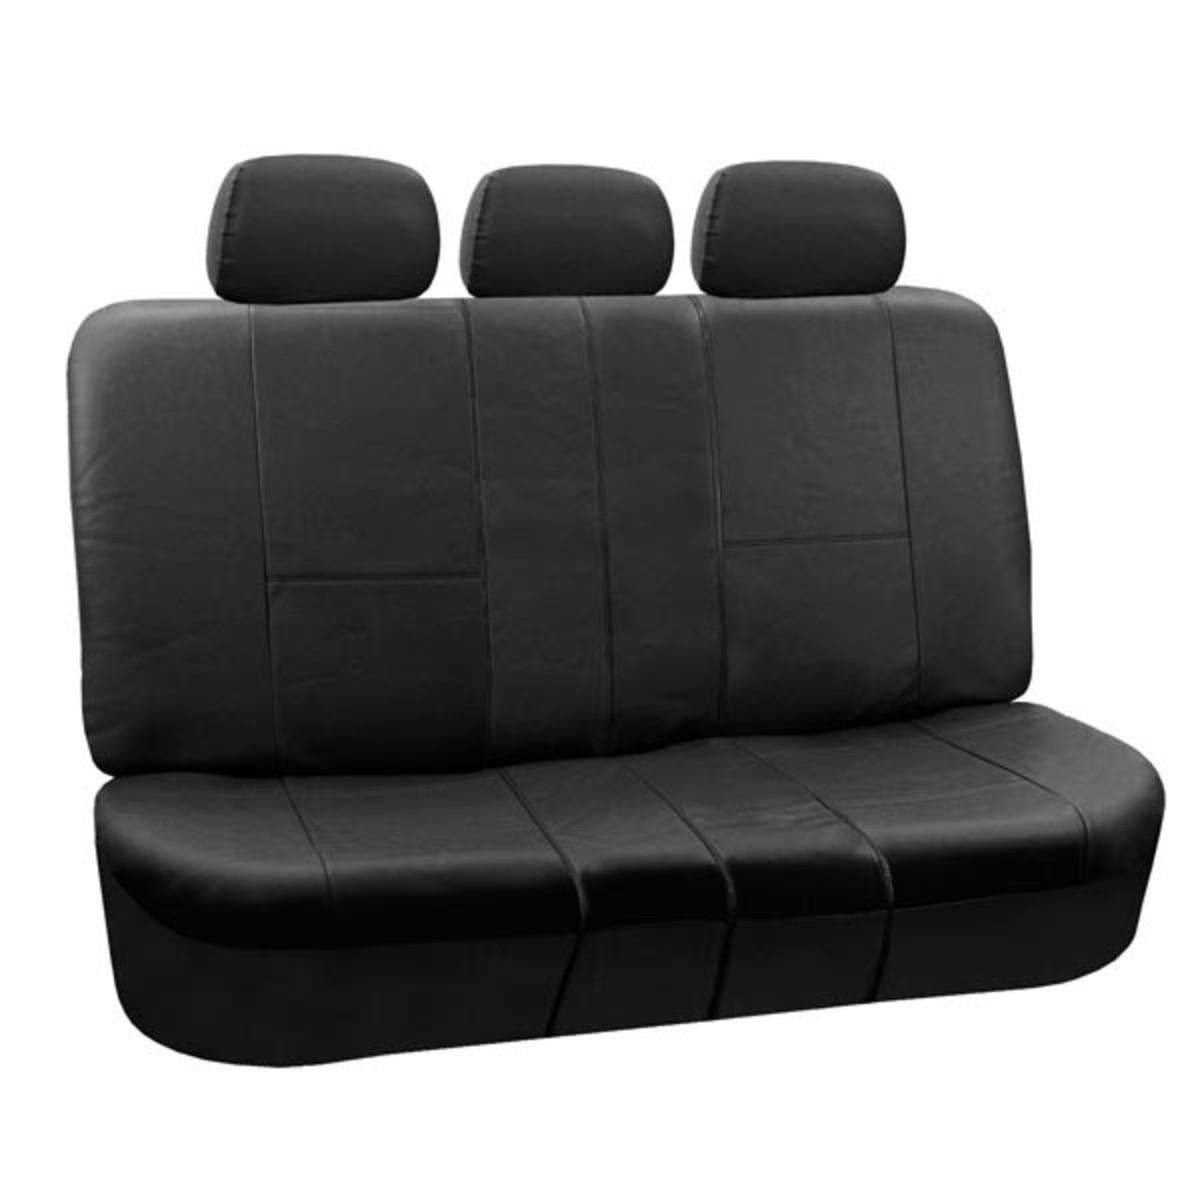 88-PU002013_black seat cover 1